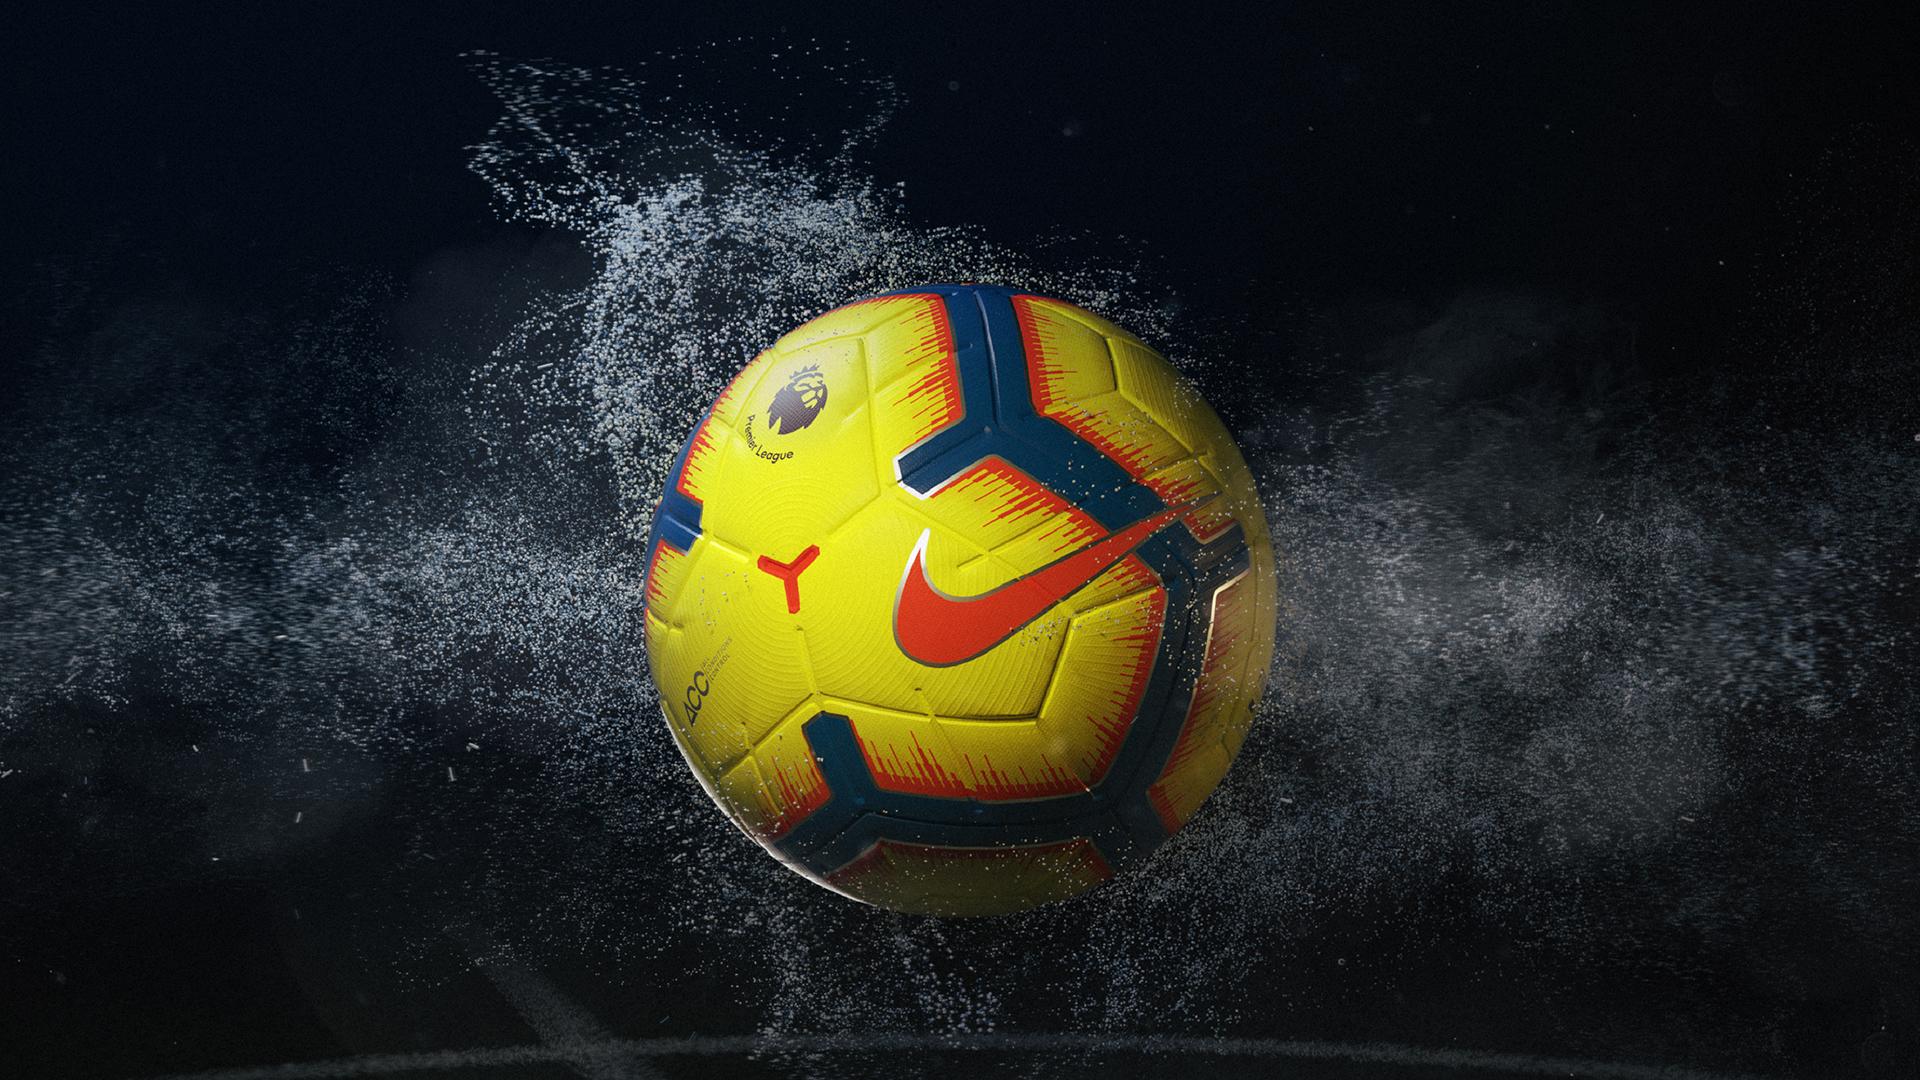 Premier League Merlin Nike ball